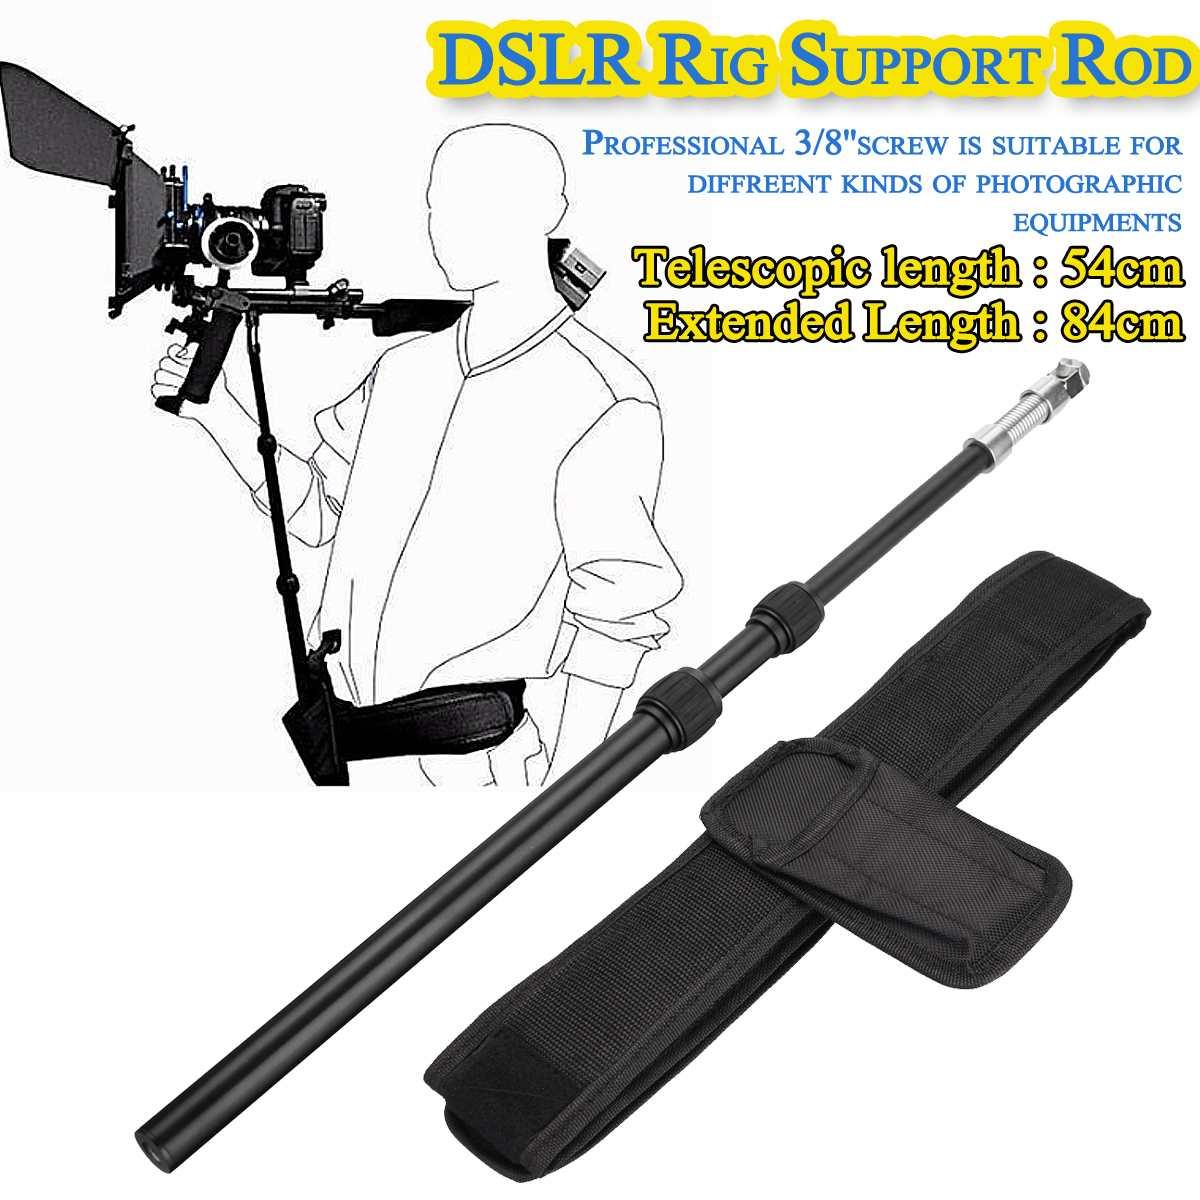 DSLR Rig Support Rod/ Belt fit Shoulder Mount Video Camcorder Camera DV/DSLR New Action Camera Accessories